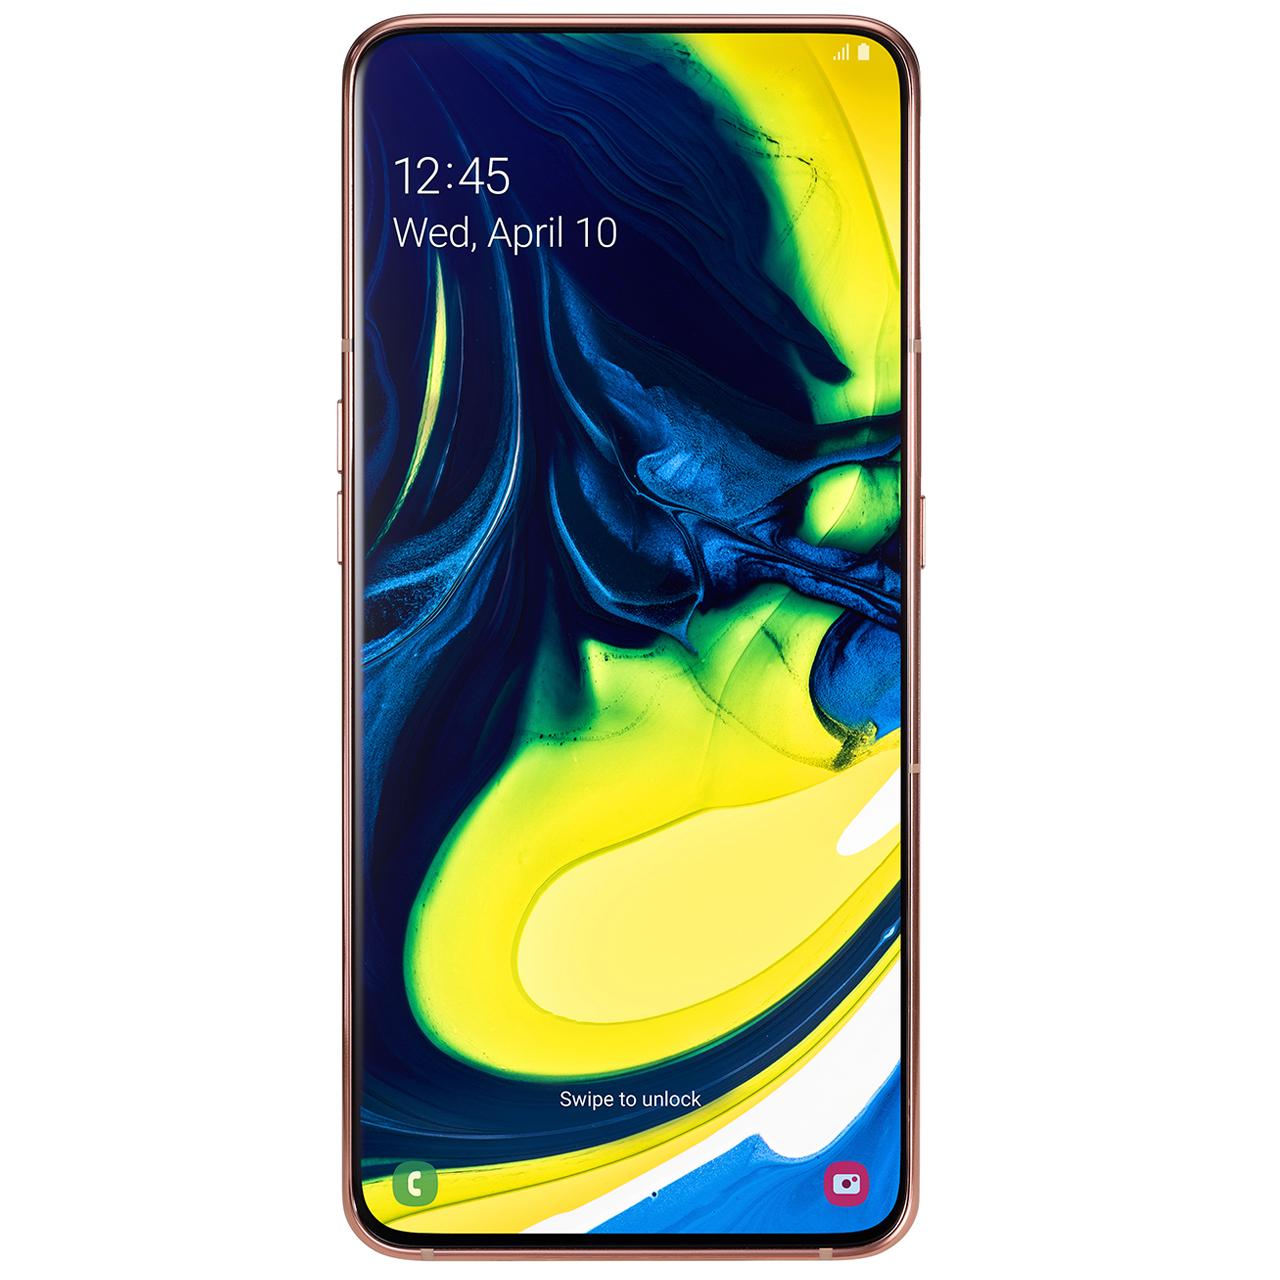 مشخصات و قیمت                     گوشی موبایل سامسونگ مدل Galaxy A80 SM-A805F/DS دو سیمکارت ظرفیت ۱۲۸ گیگابایت